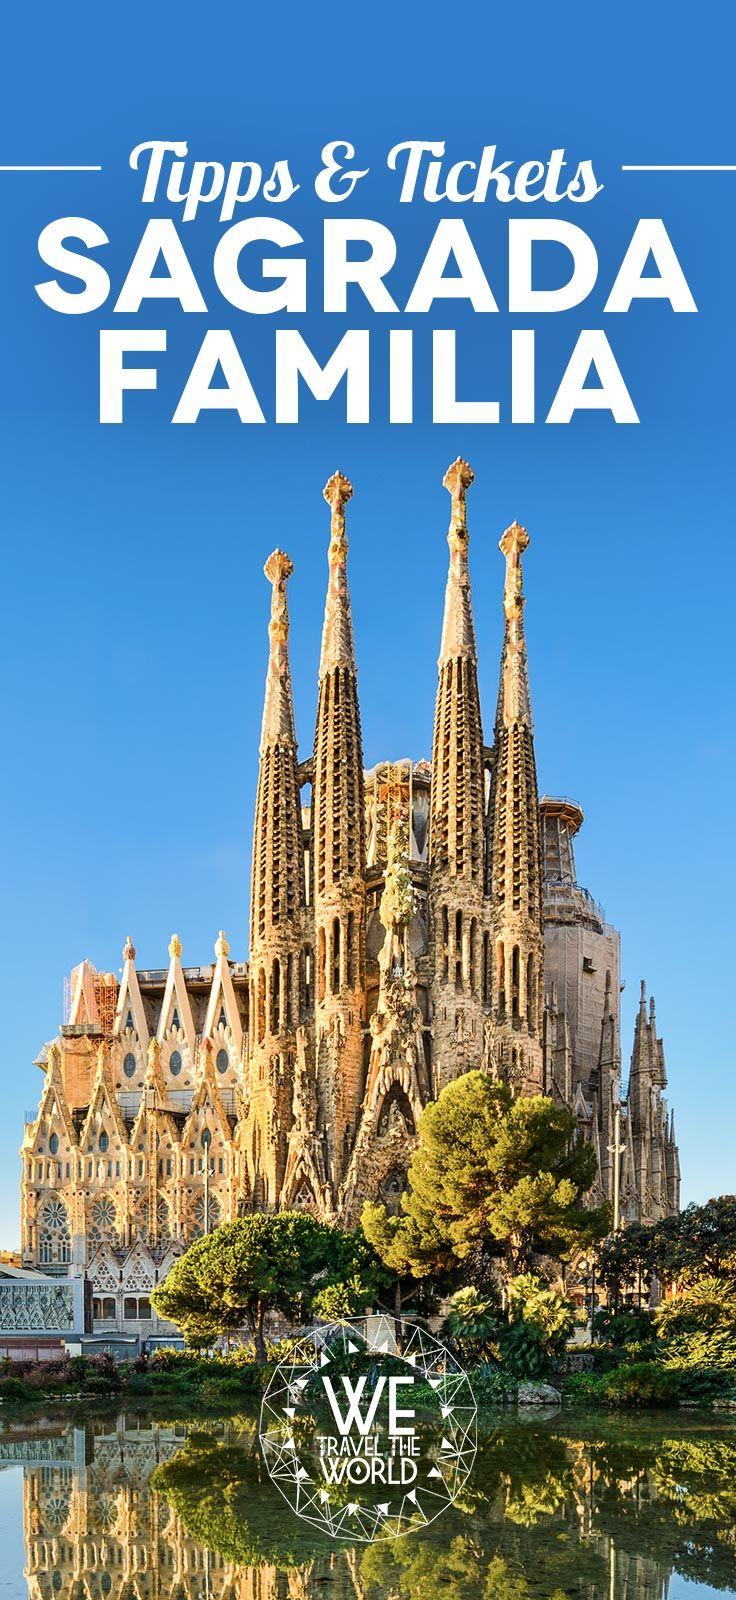 Sagrada Familia: Wir zeigen dir welches Ticket du für die Besichtigung der Sagrada Familia brauchst und geben dir Tipps für eine unvergessliche und entspannte Besichtigung.